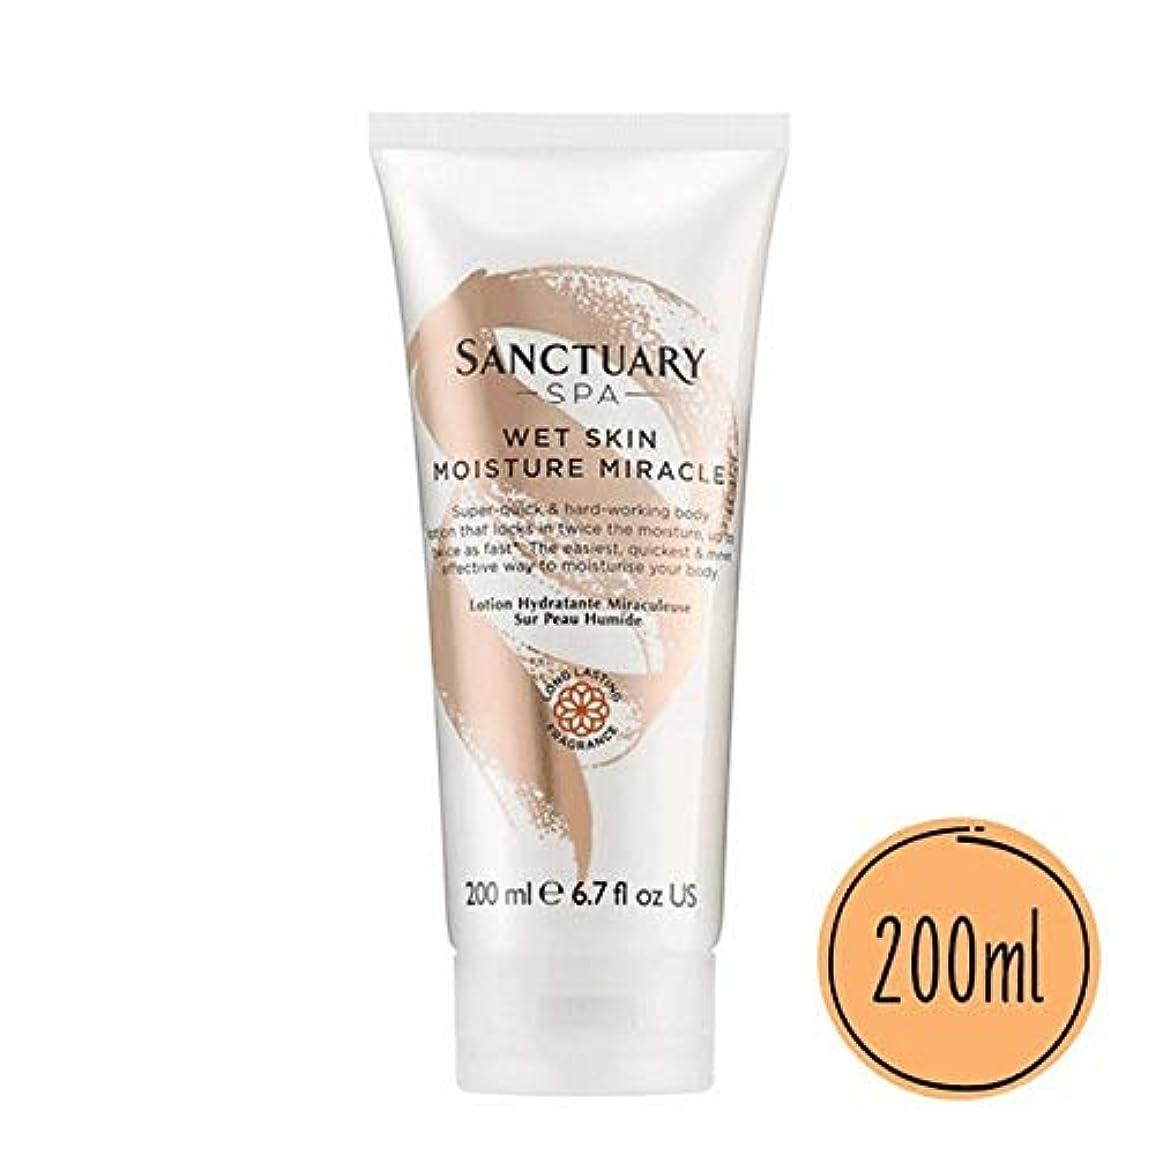 防止対応する腕[Sanctuary Spa ] 聖域スパ濡れた肌の水分奇跡の200ミリリットル - Sanctuary Spa Wet Skin Moisture Miracle 200ml [並行輸入品]